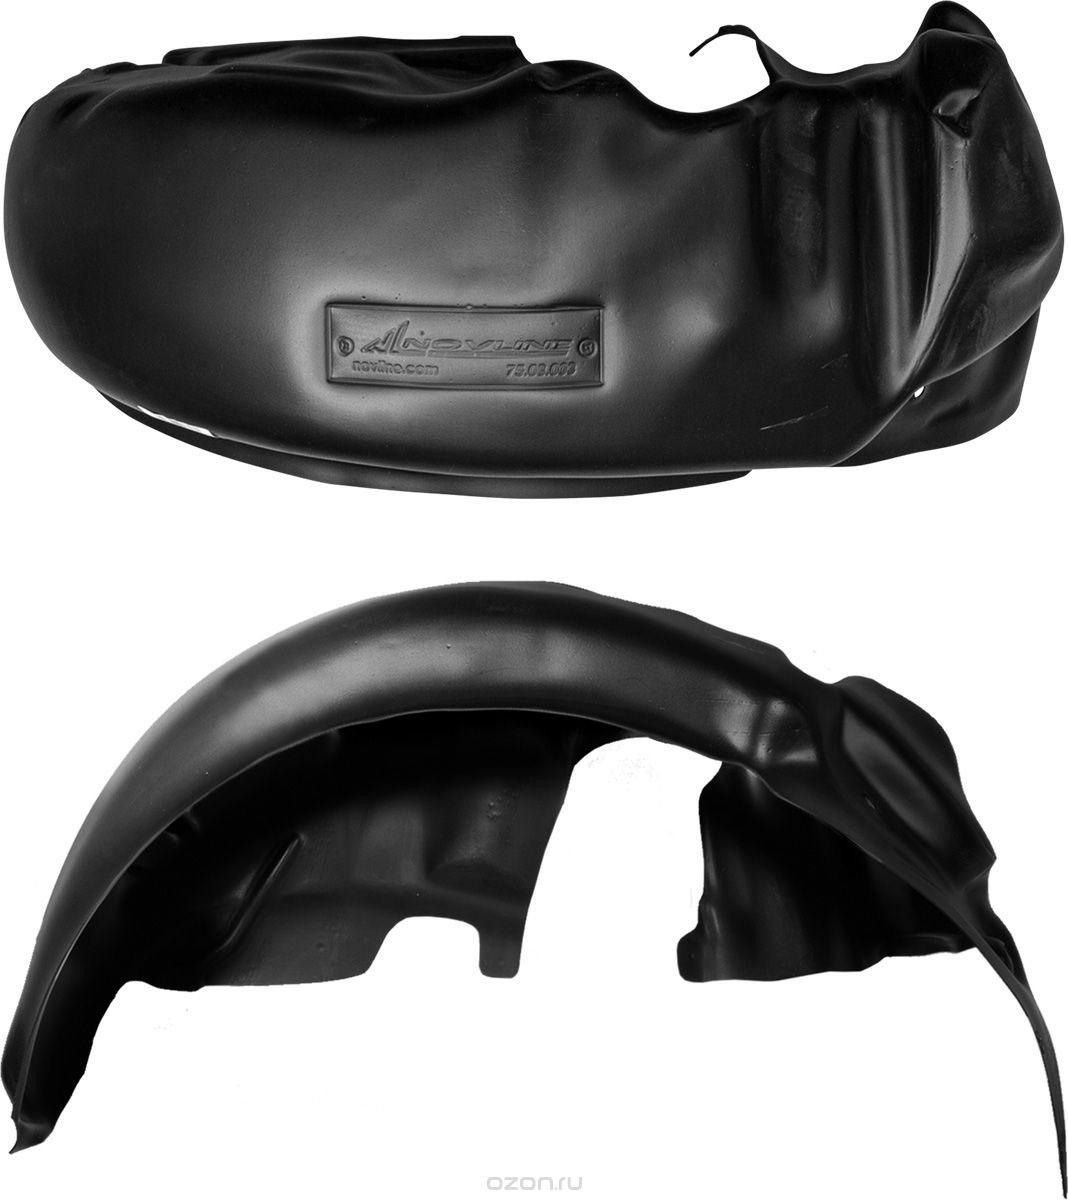 Подкрылок Novline-Autofamily, для Acura MDX, 2014->, задний левыйNLL.01.02.003Идеальная защита колесной ниши. Локеры разработаны с применением цифровых технологий, гарантируют максимальную повторяемость поверхности арки. Изделия устанавливаются без нарушения лакокрасочного покрытия автомобиля, каждый подкрылок комплектуется крепежом. Уважаемые клиенты, обращаем ваше внимание, что фотографии на подкрылки универсальные и не отражают реальную форму изделия. При этом само изделие идет точно под размер указанного автомобиля.